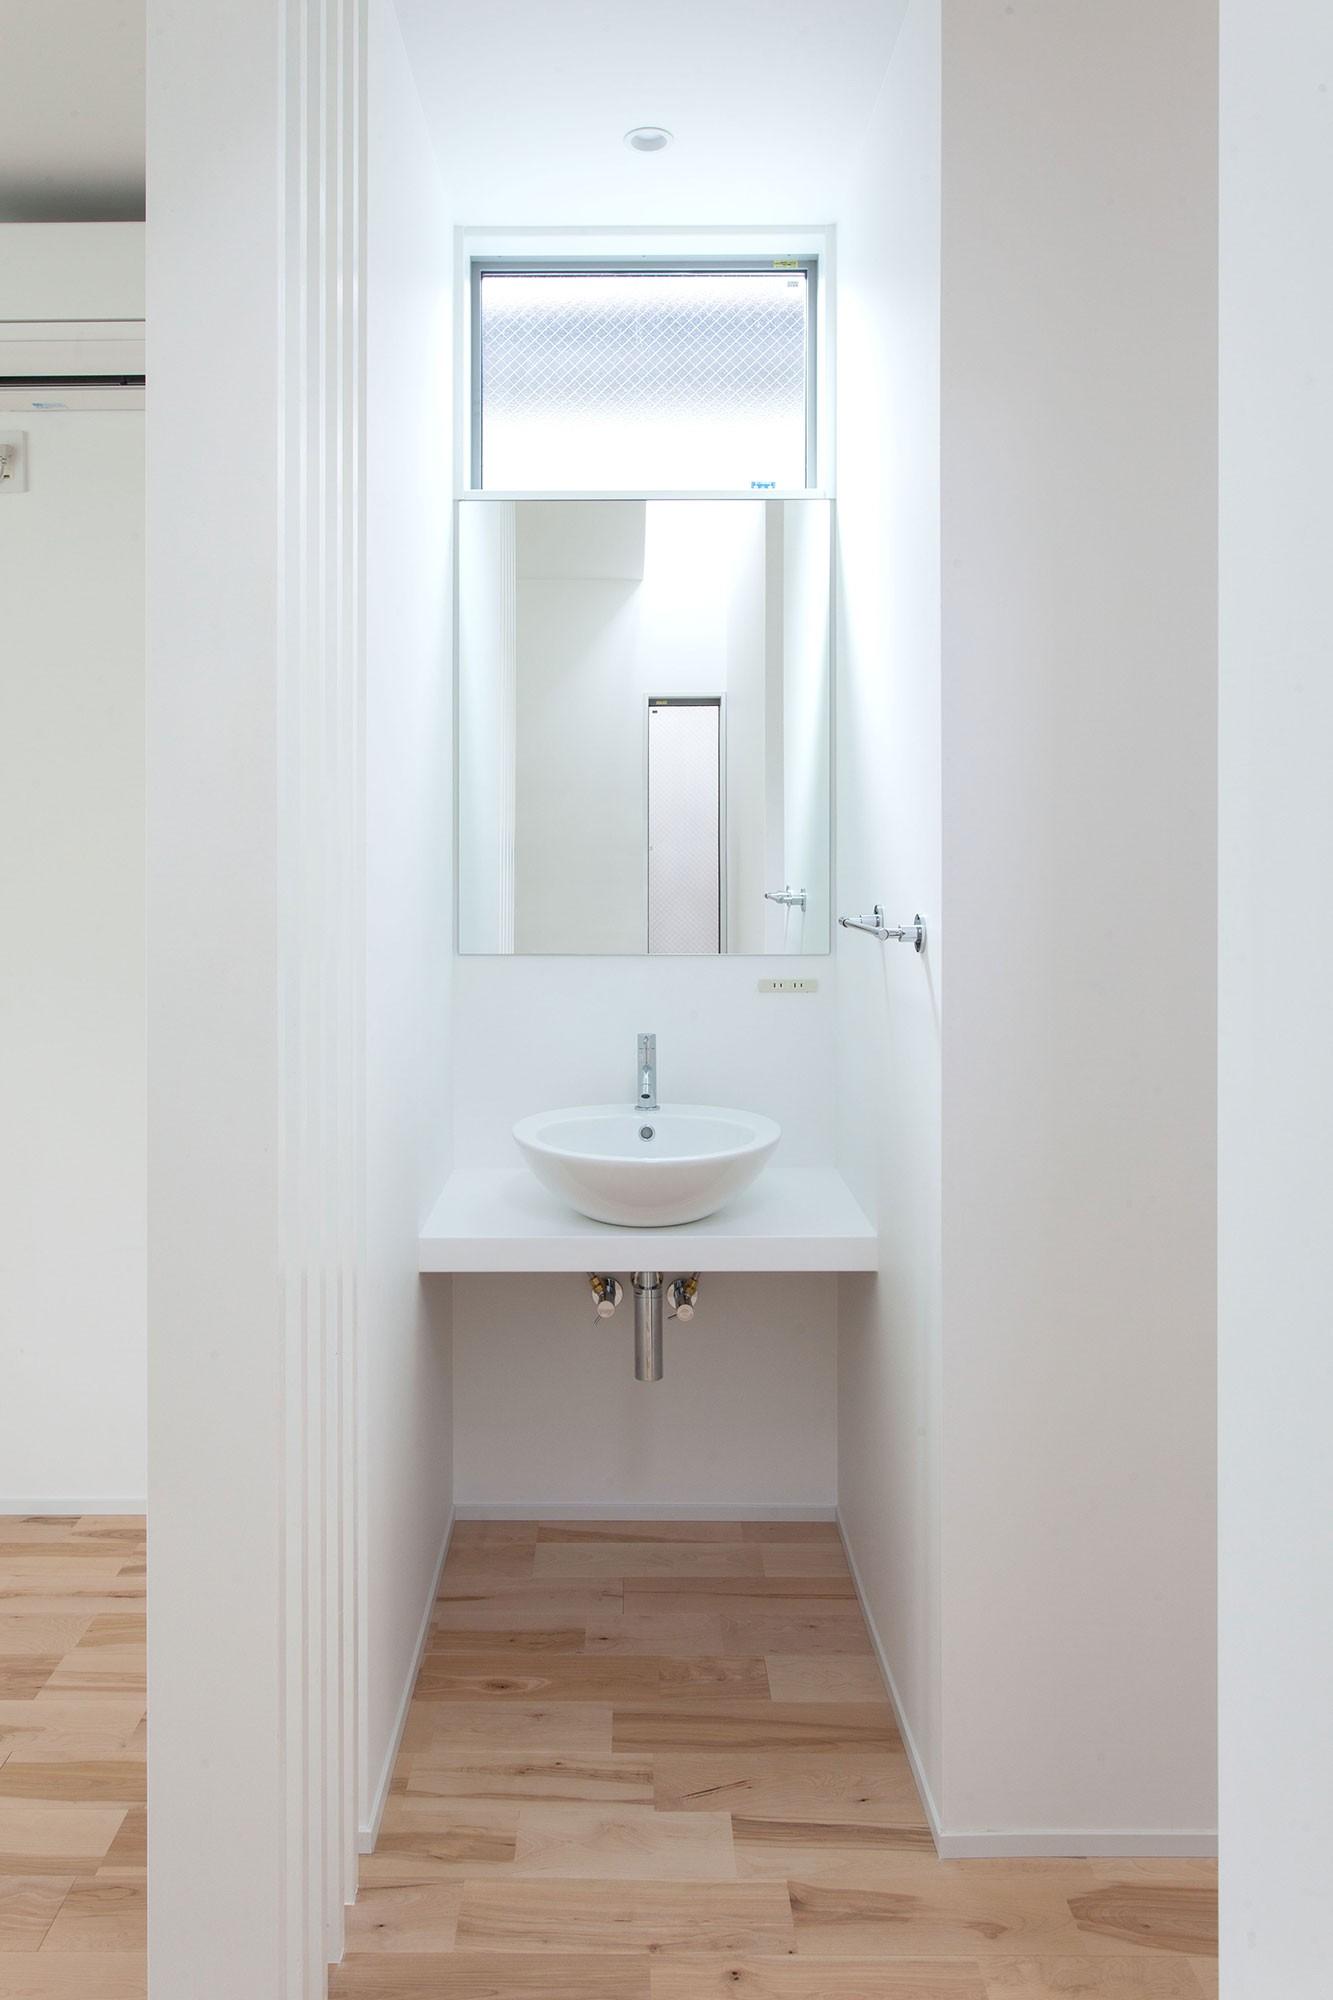 その他事例:洗面スペース(高島平の家-敷地形状を活かした伸びやかな住空間)